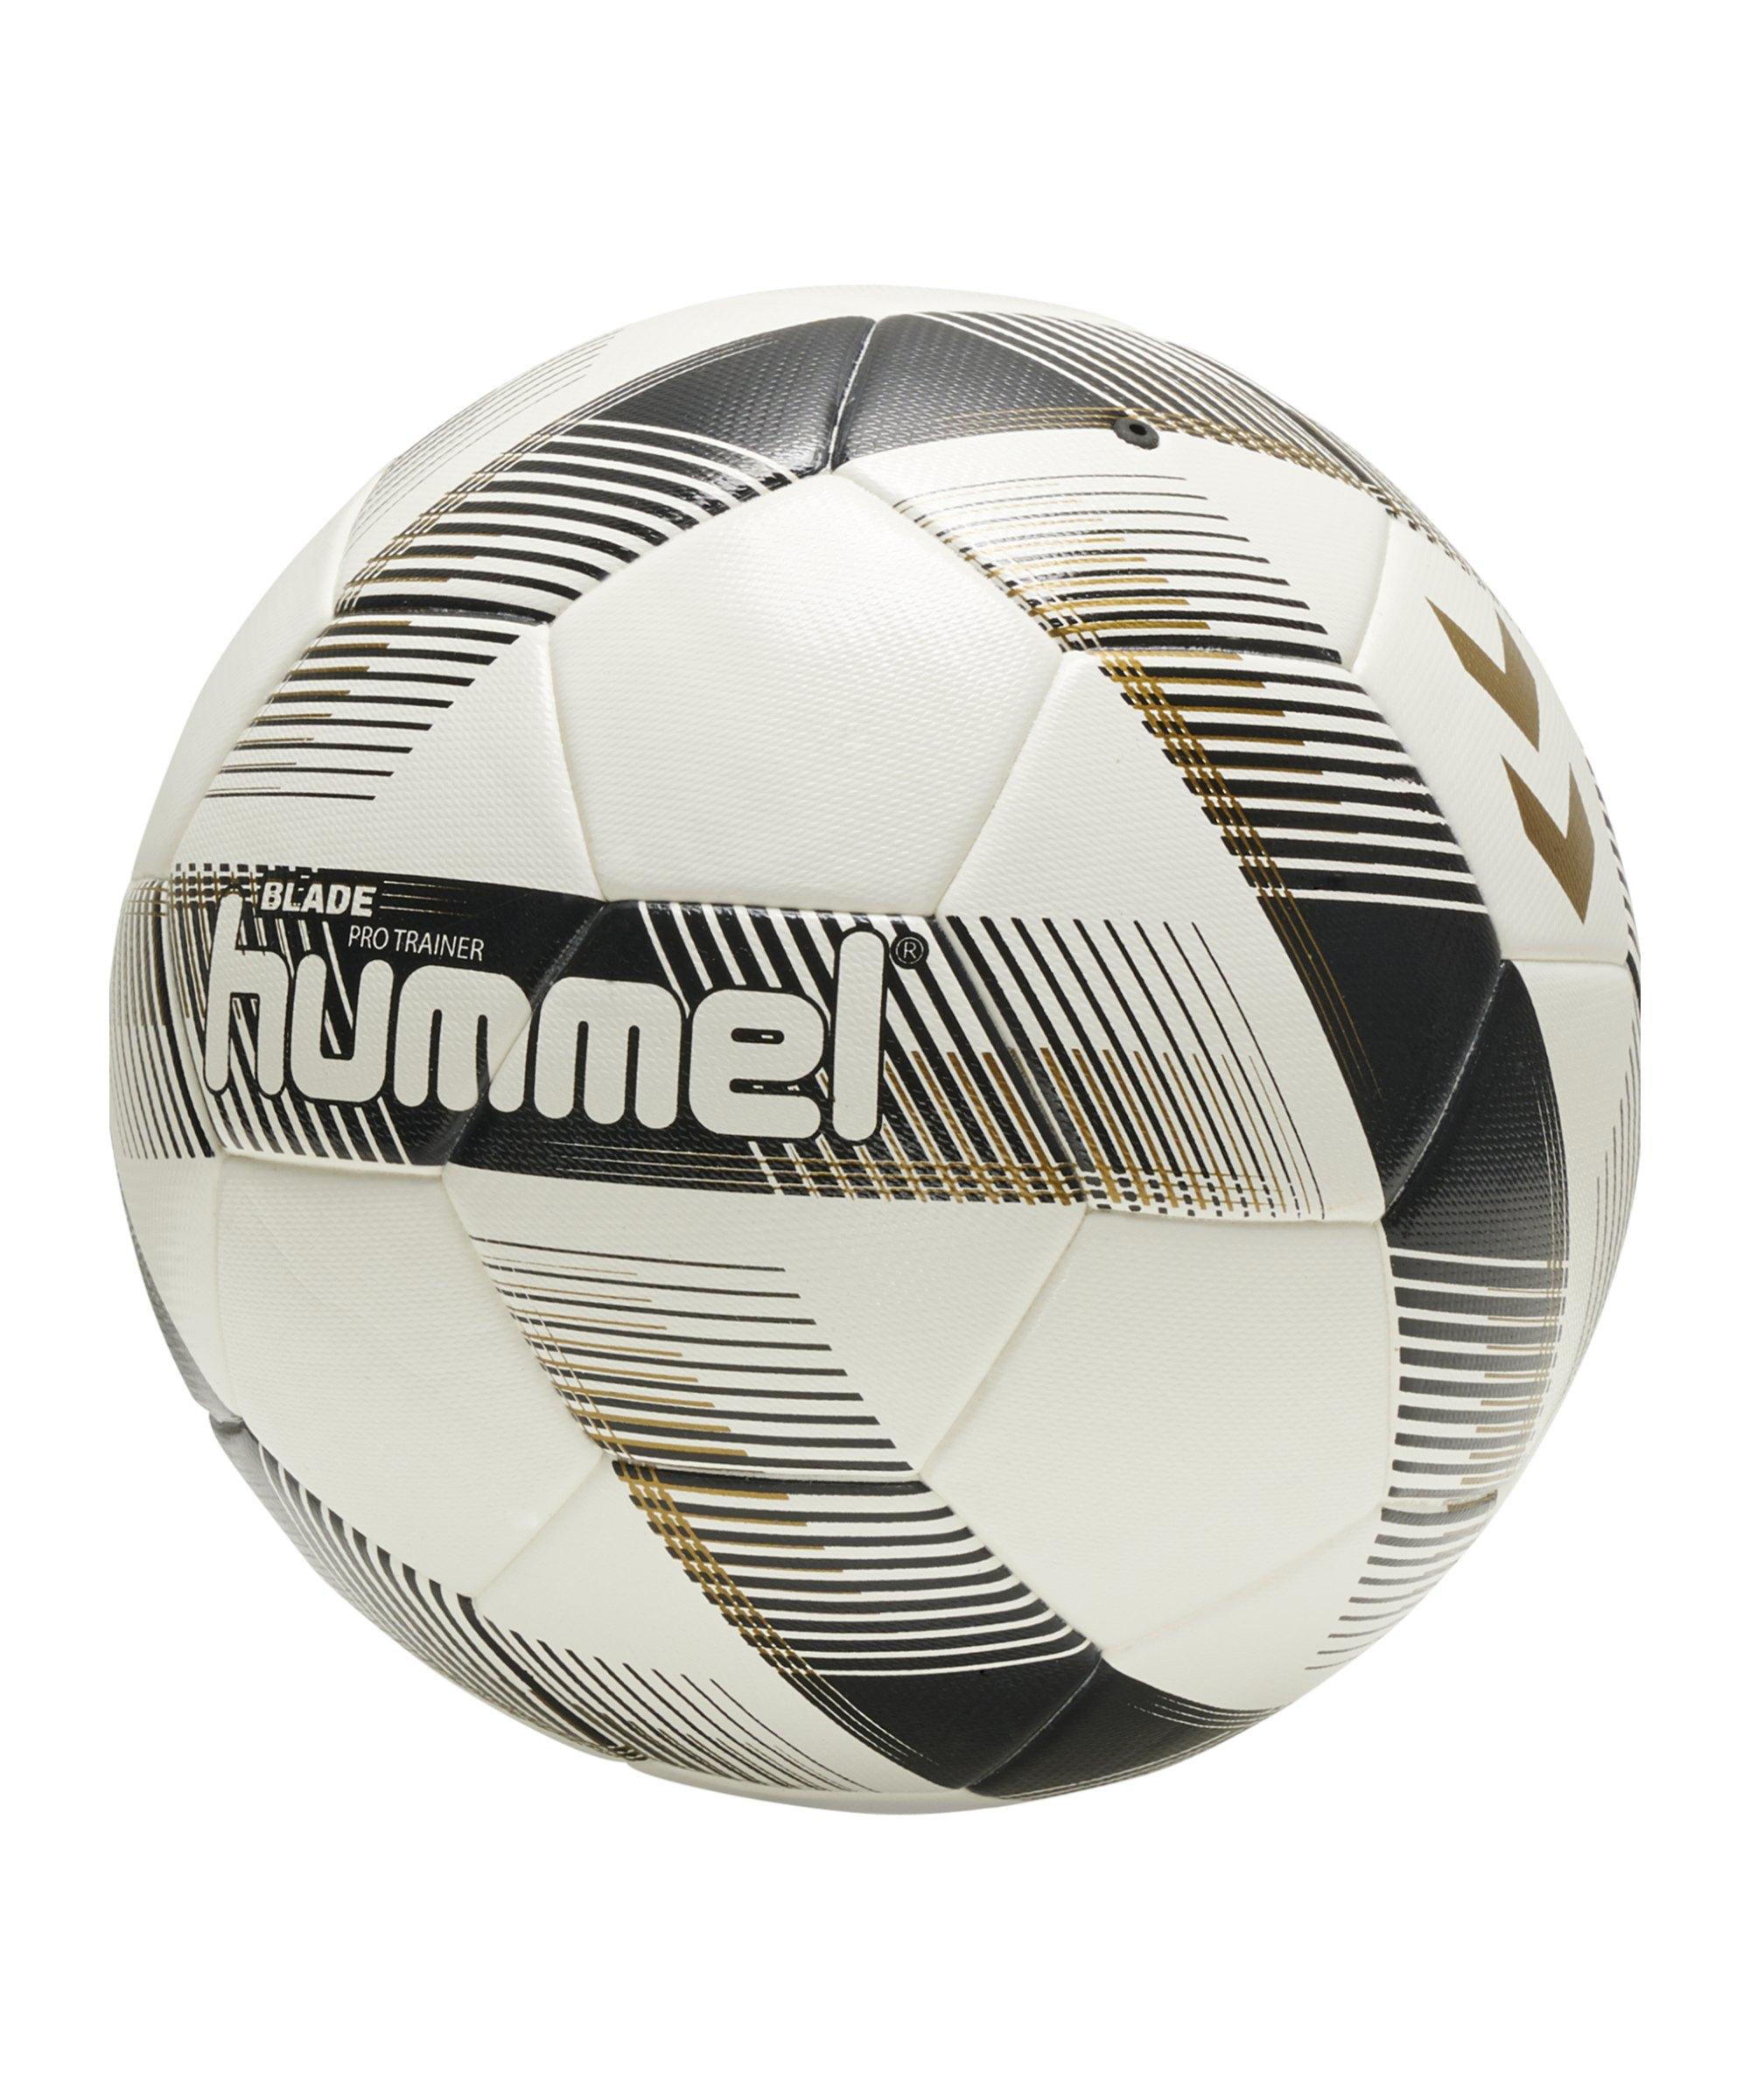 Hummel Blade Pro Trainingsball Weiss F9152 - Weiss